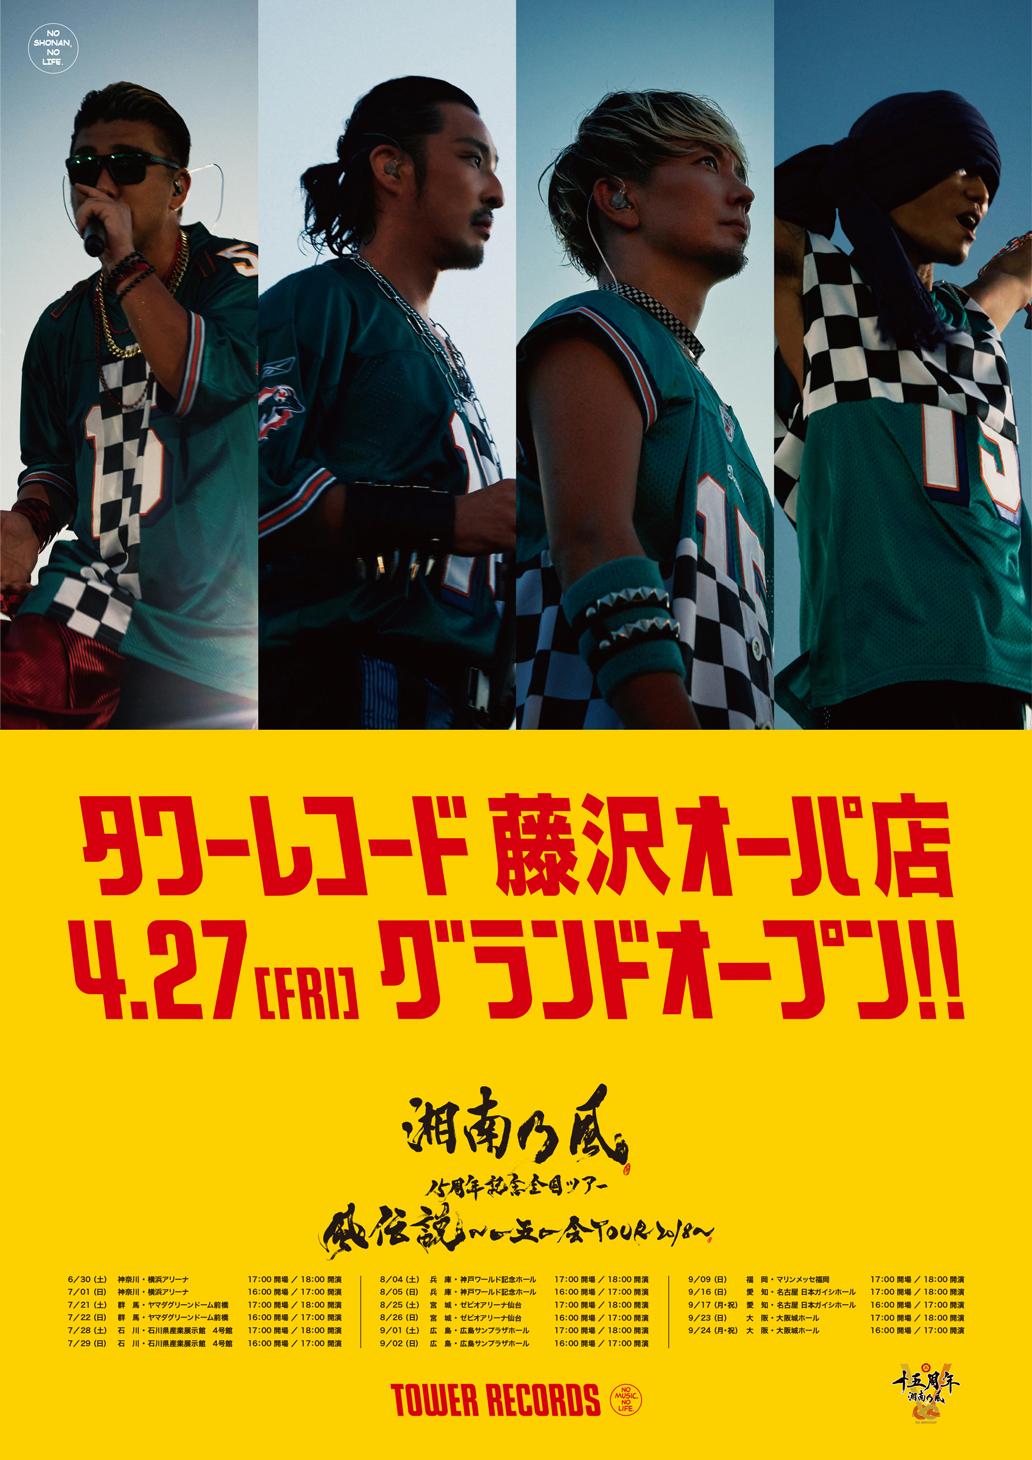 約2年半ぶりの再出店「タワーレコード藤沢オーパ店」が4月27日オープン!アプガ(2)、WHY@DOLLのイベントも